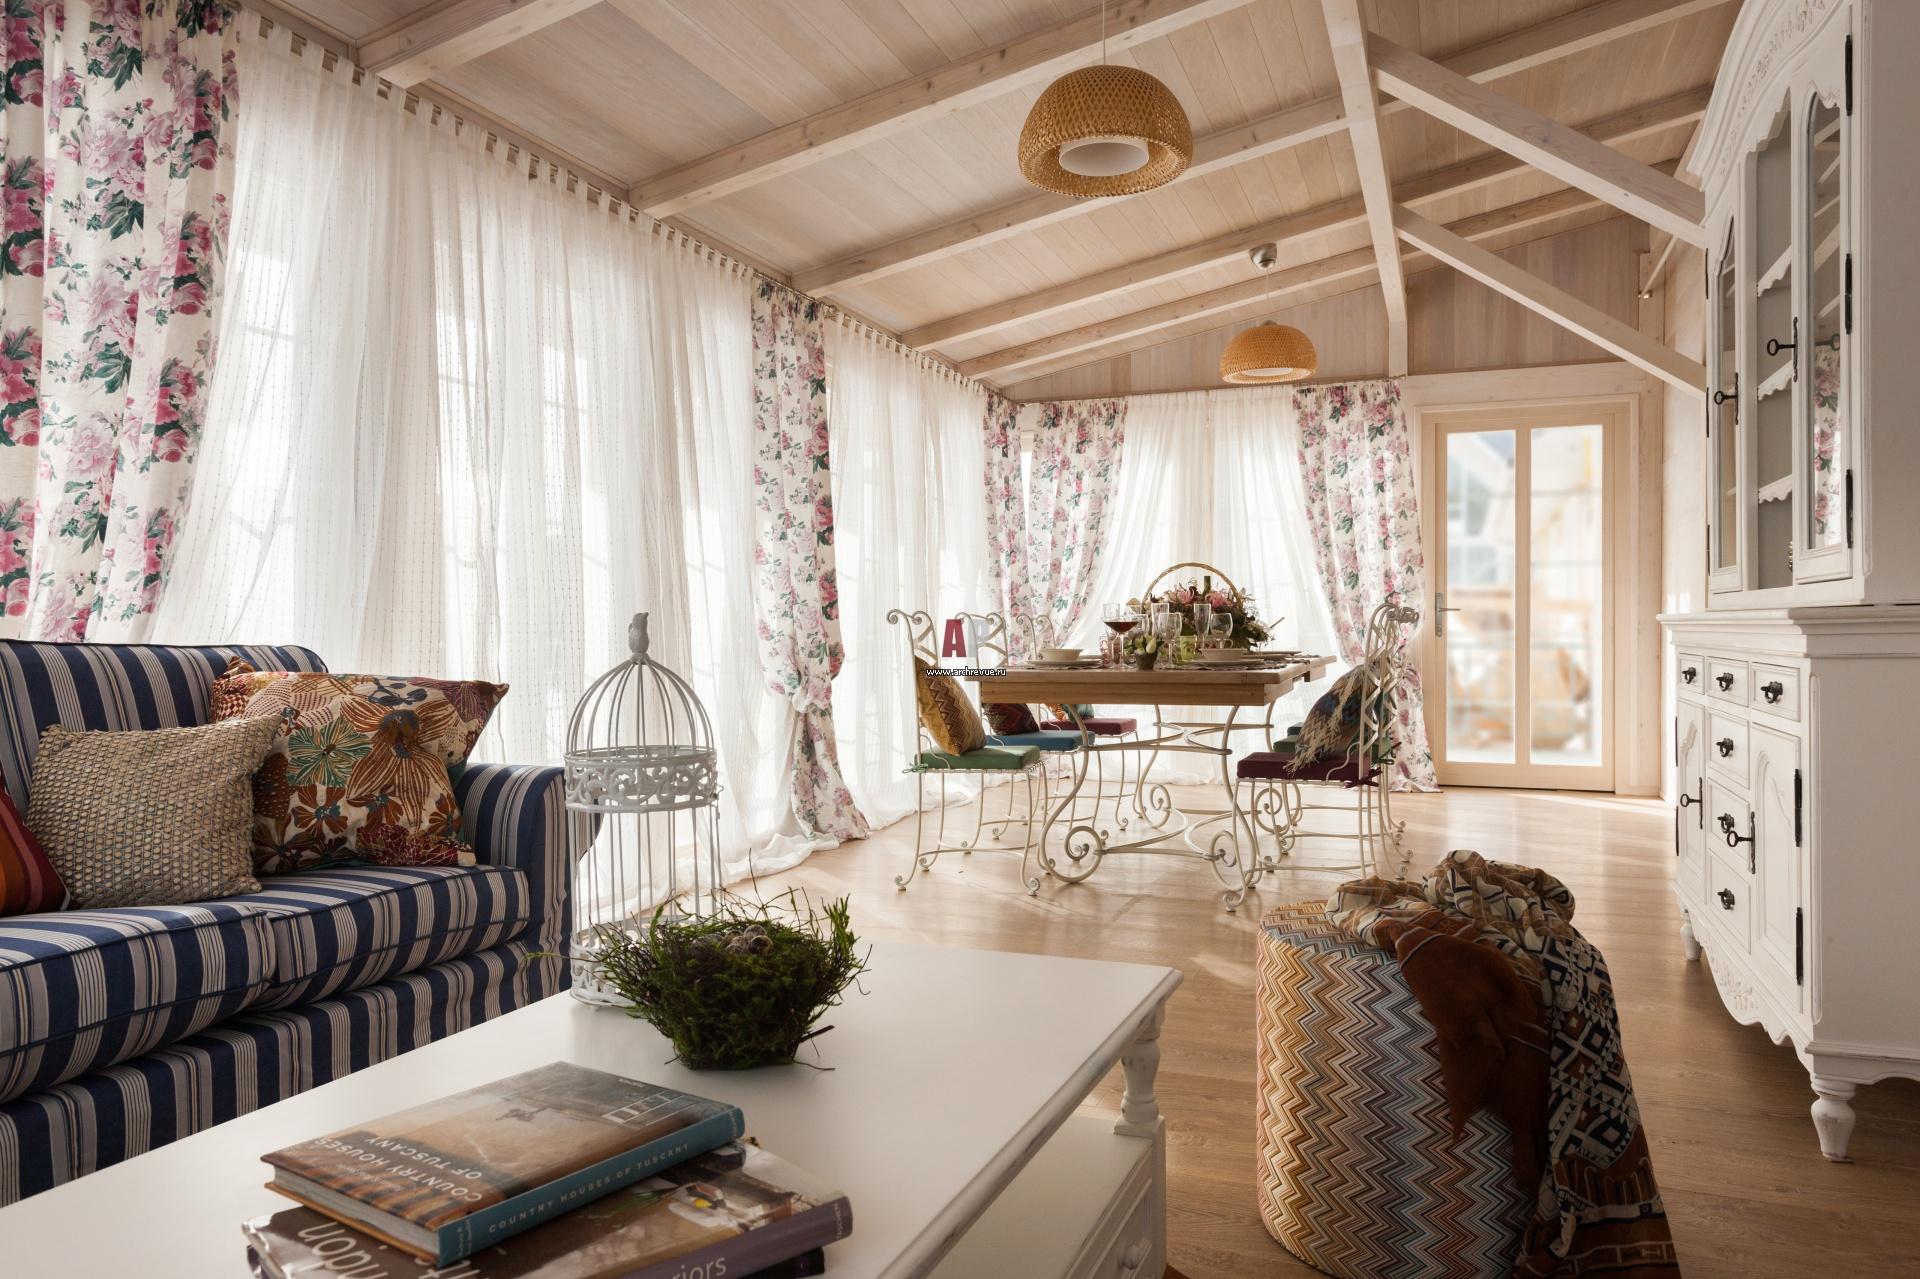 Интерьер загородного дома в стиле прованс своими руками